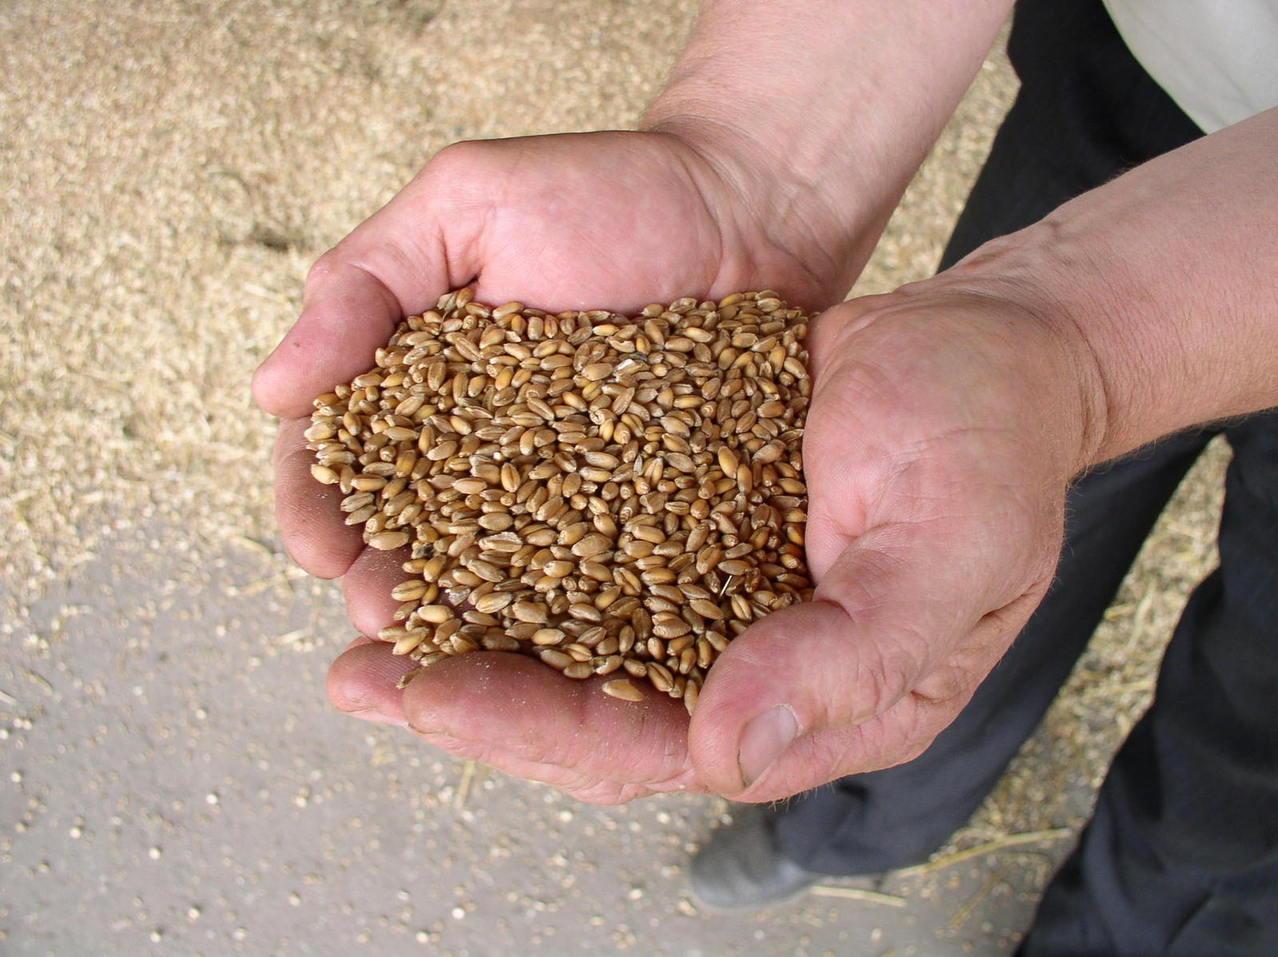 wheat and gluten-free diet